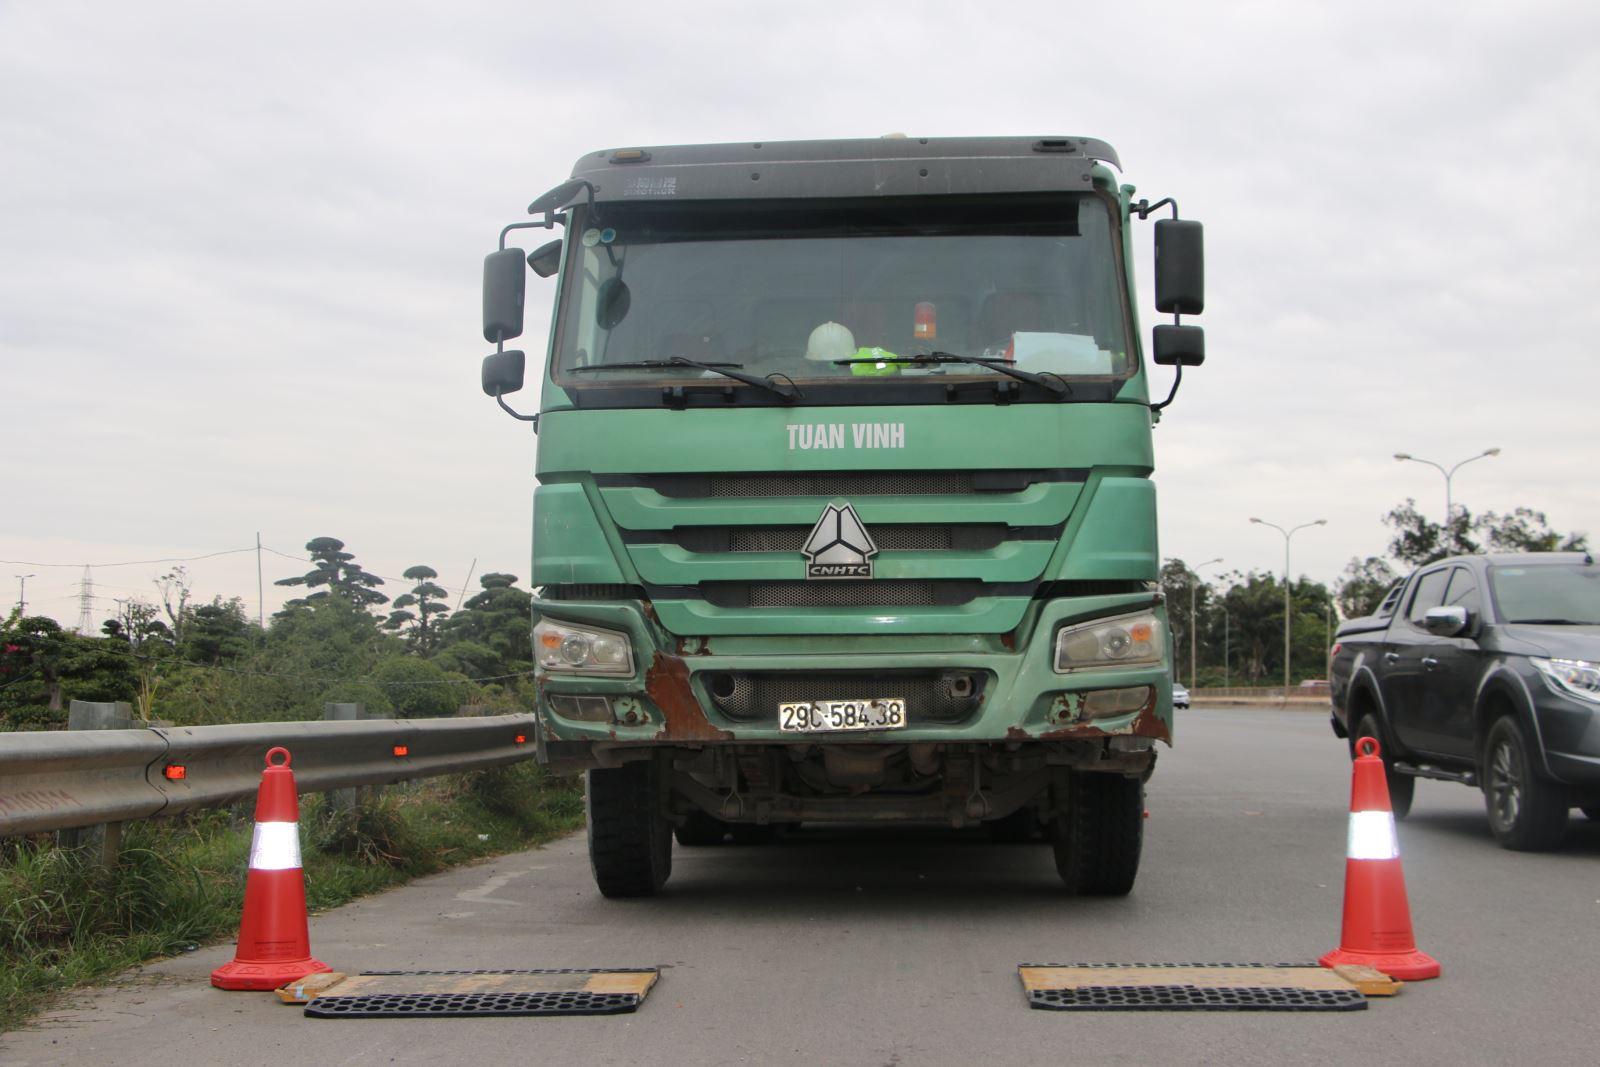 Tiếp tục tăng cường công tác kiểm soát tải trọng phương tiện giao thông